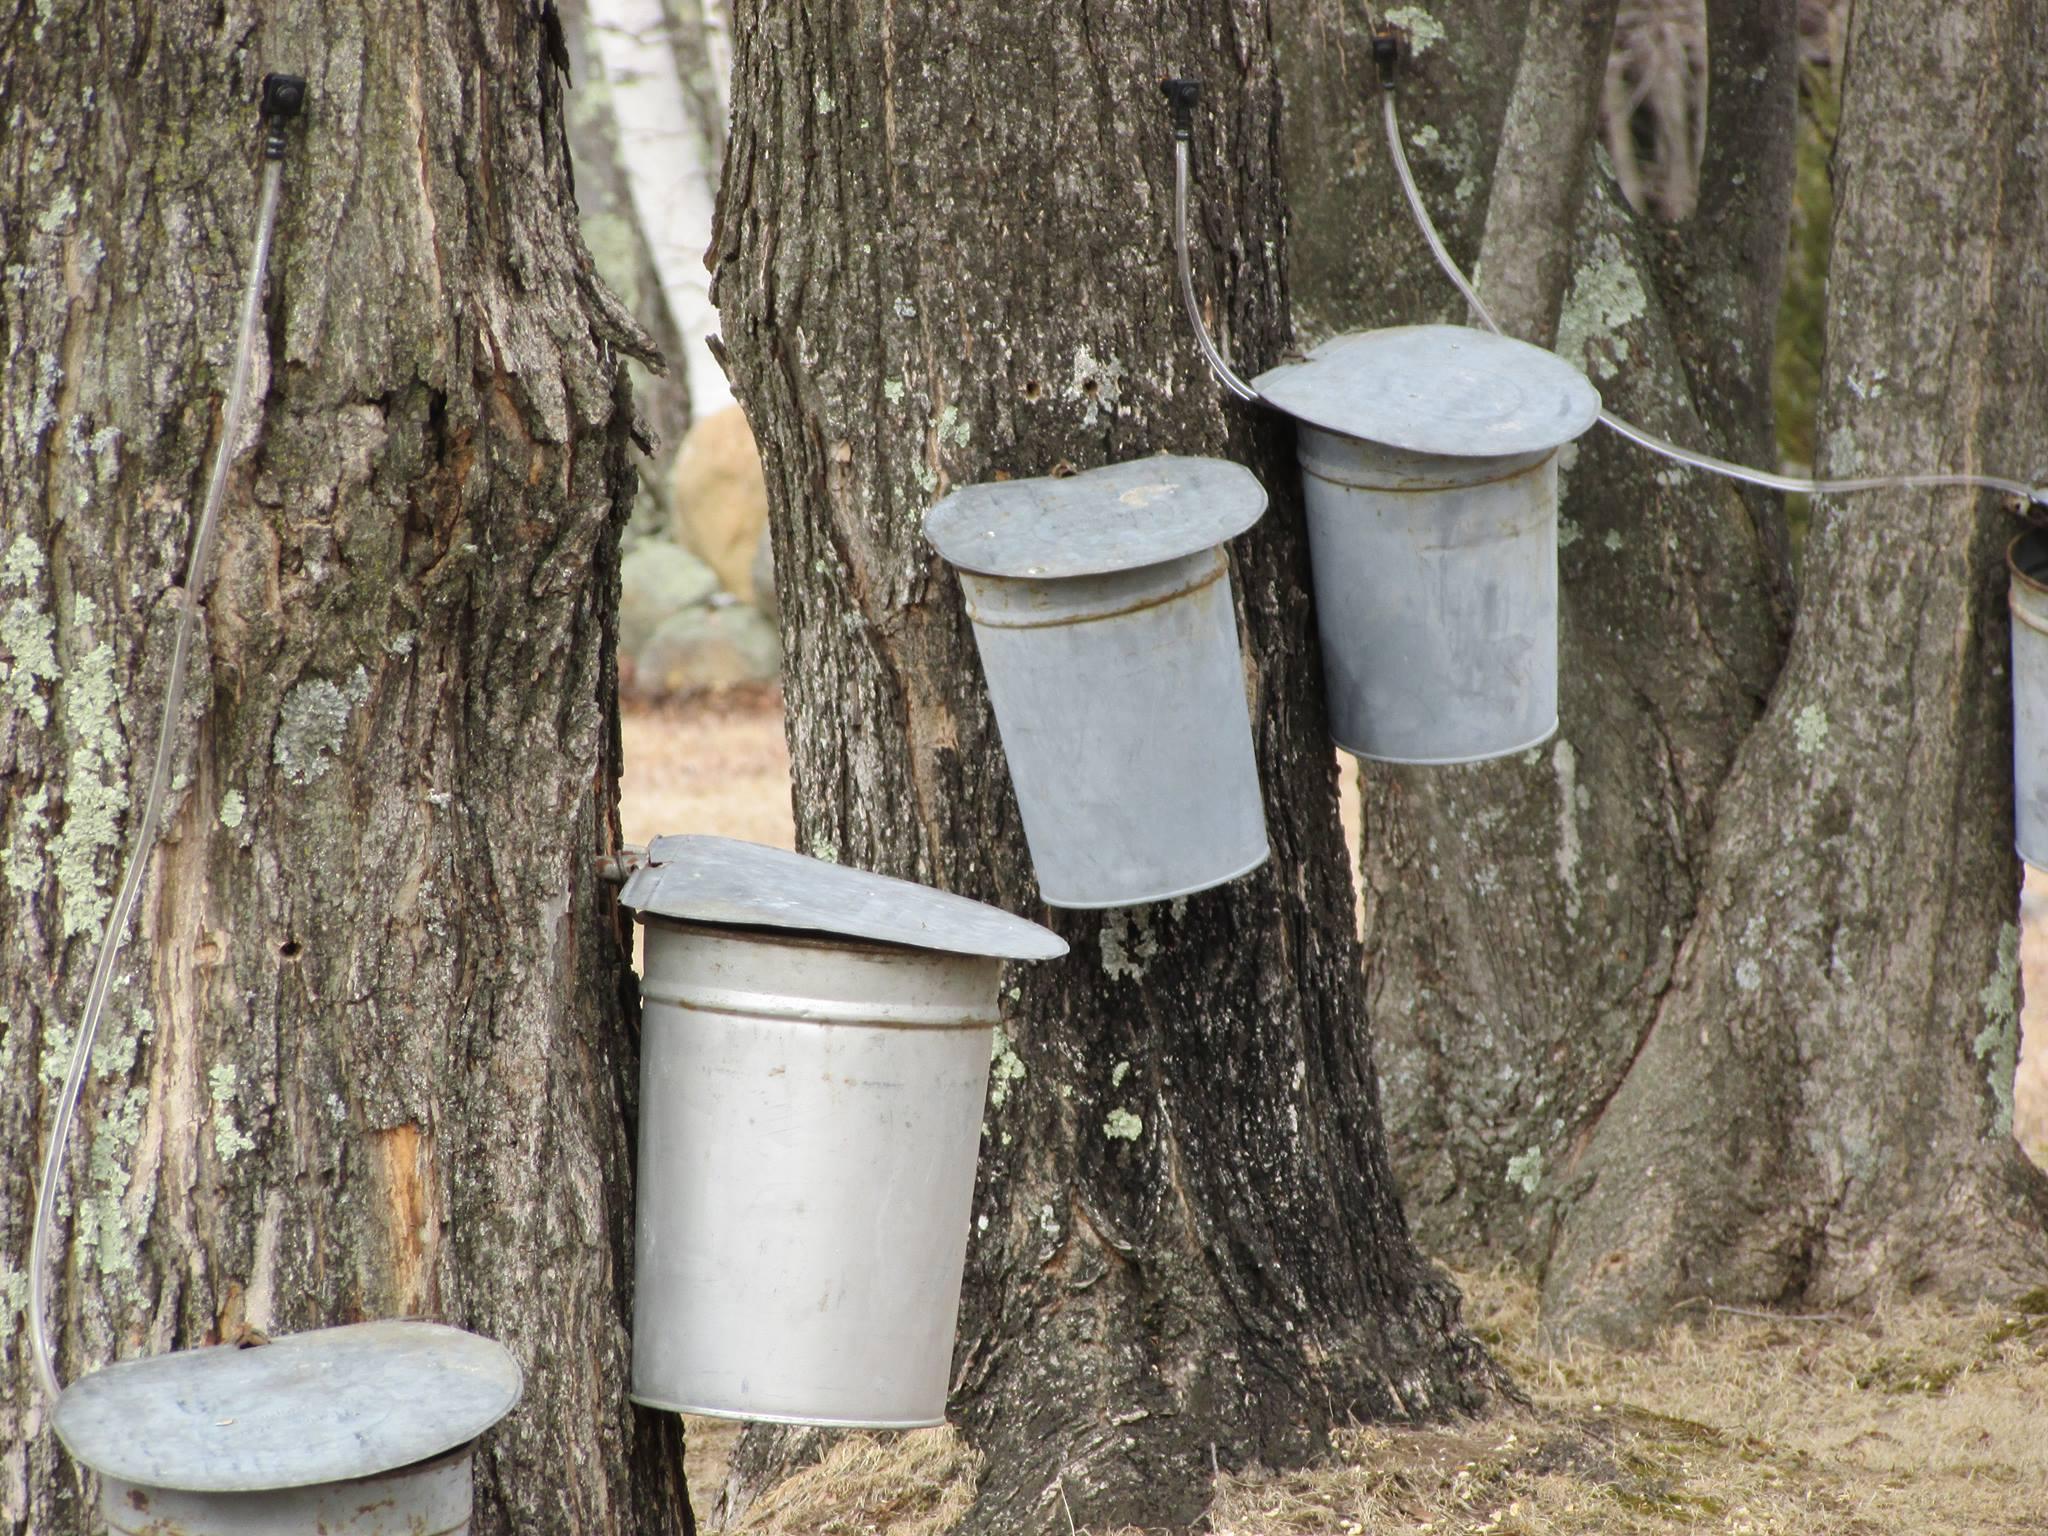 buckets on trees